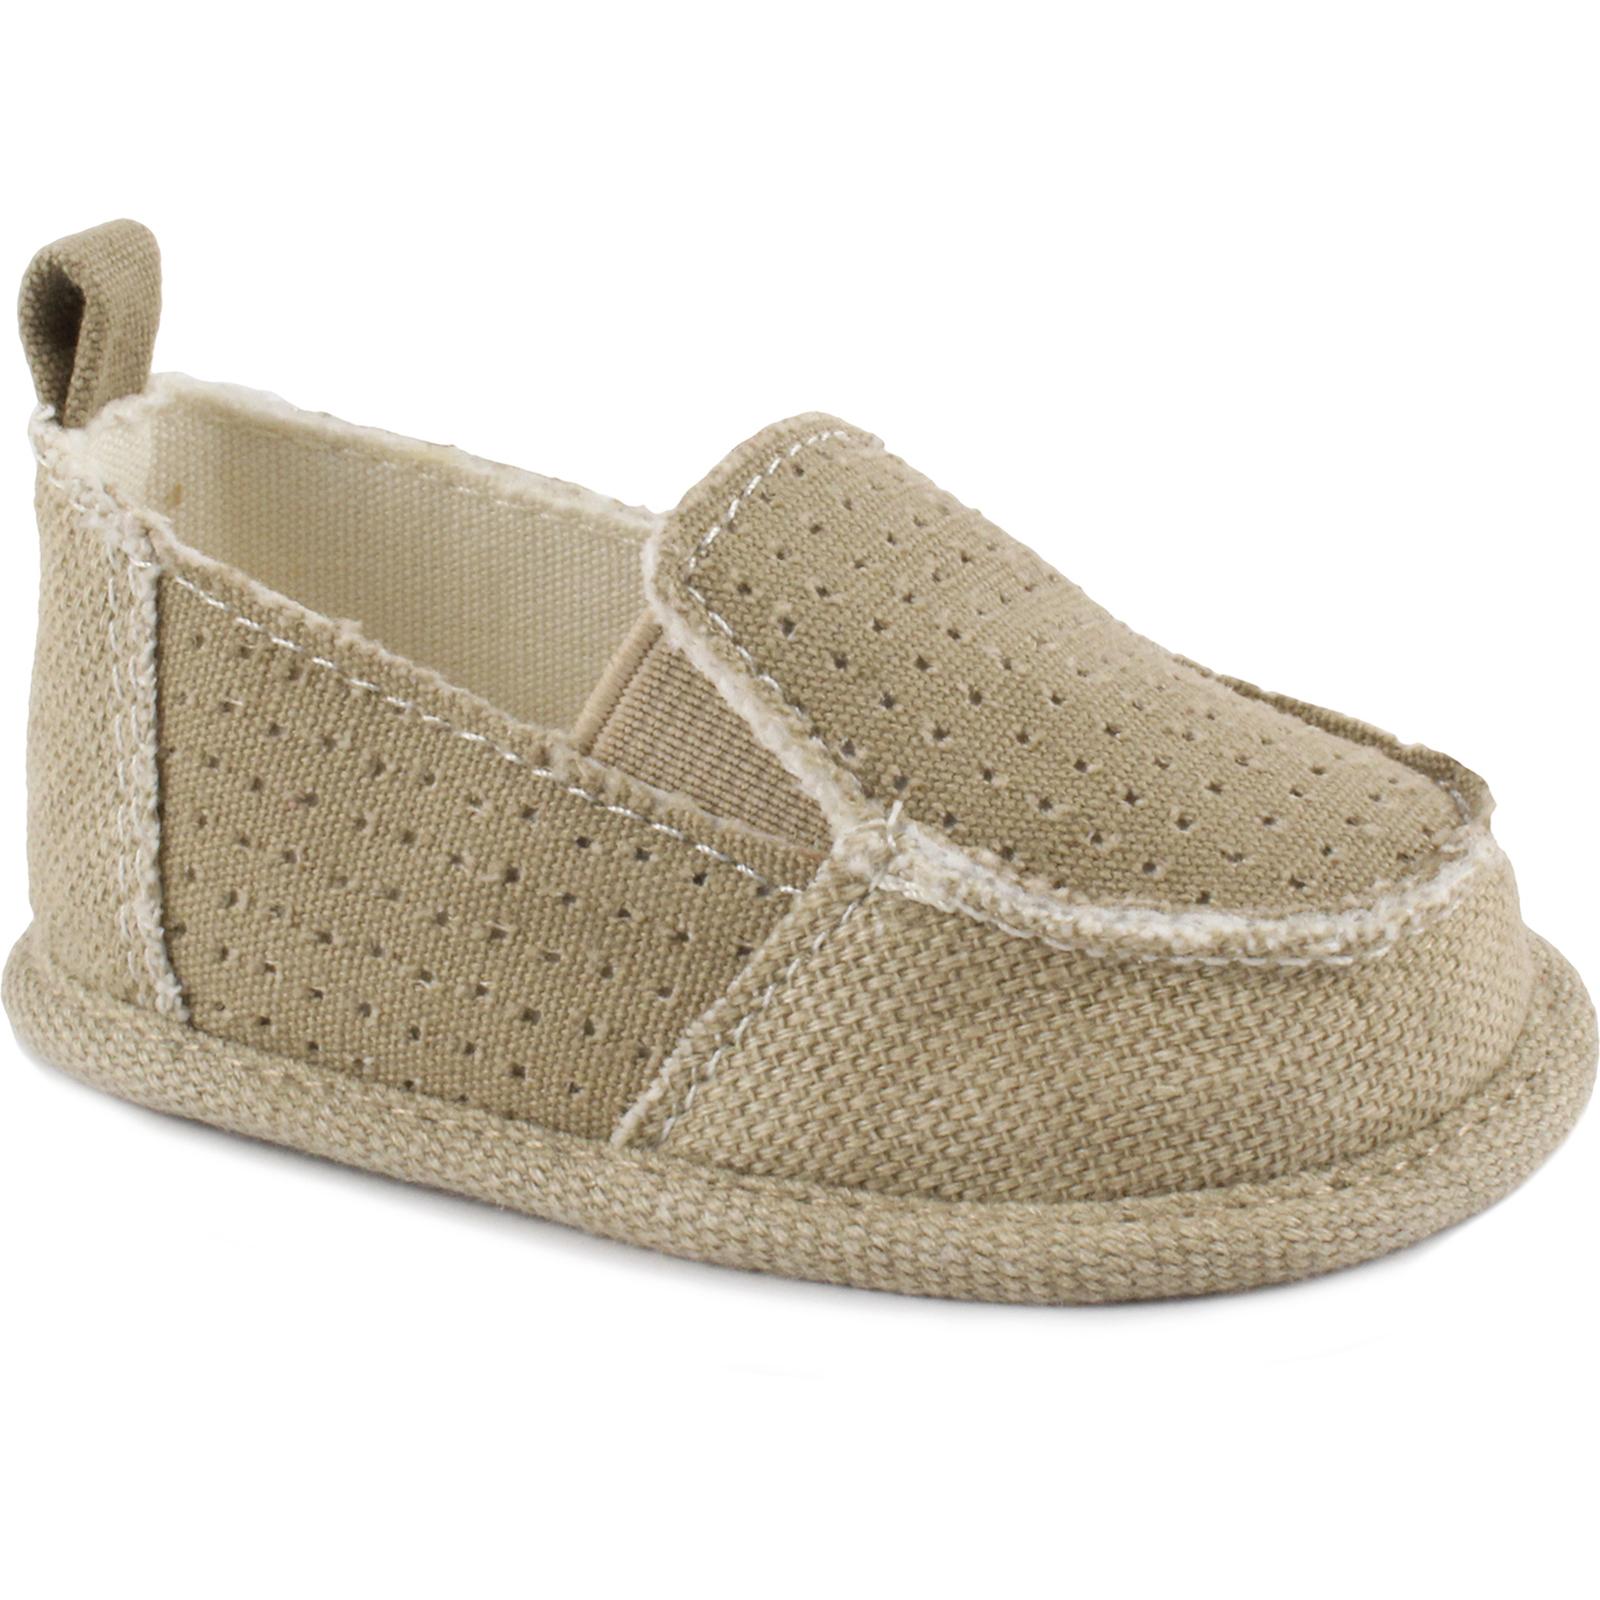 Little Wonders Infant Soft Sole Canvas Shoes – Brown